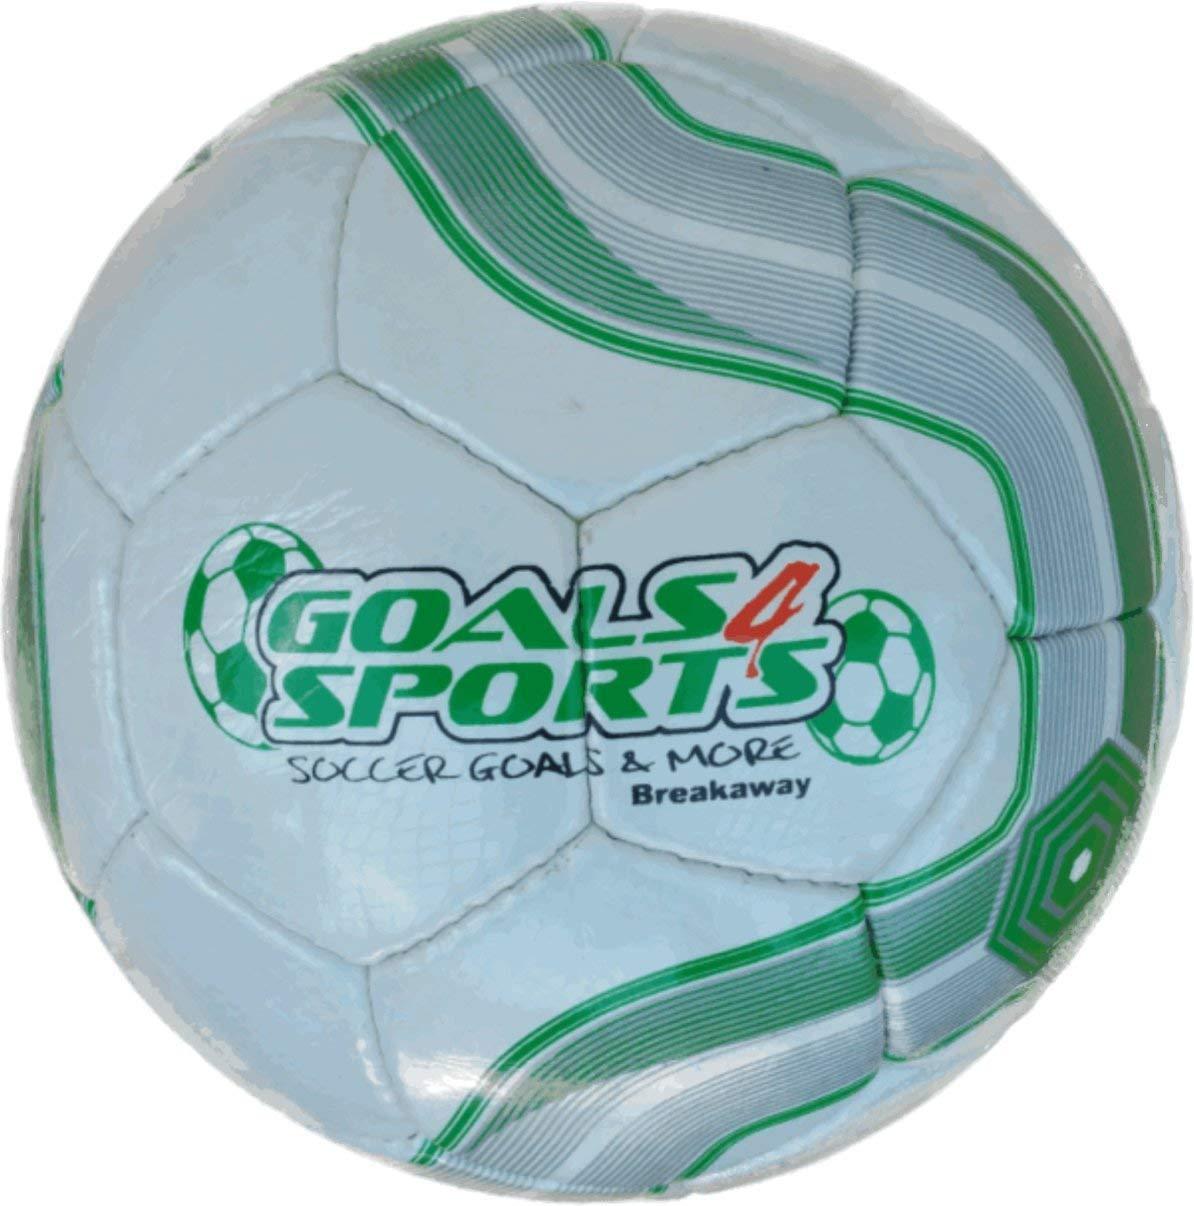 Goals 4 Sports G4S Breakaway Soccer Ball